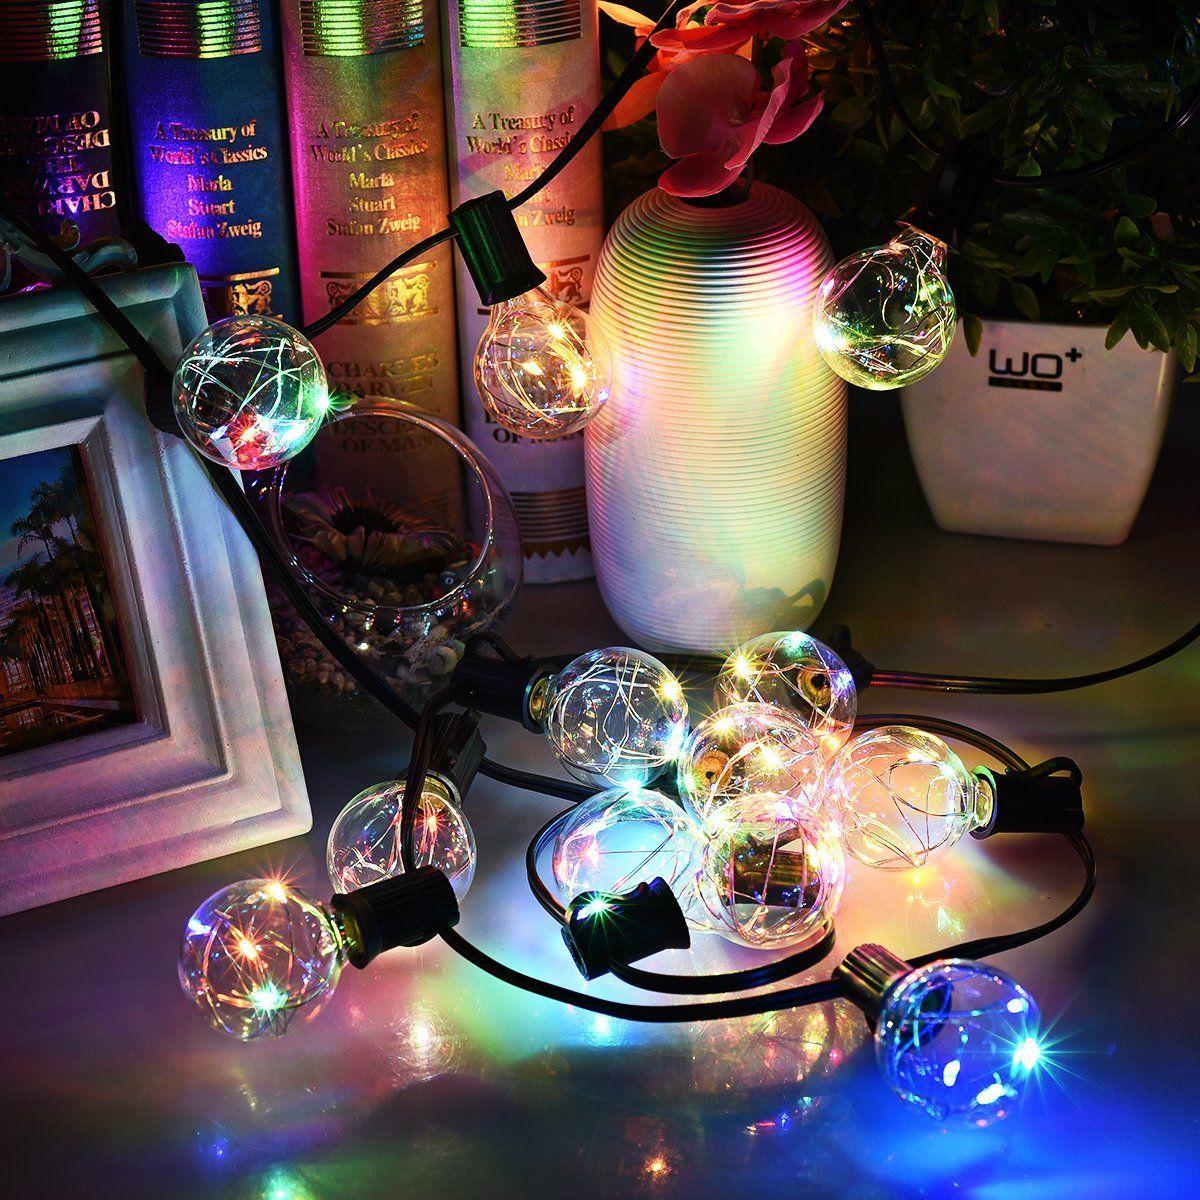 G40 Lumières De Noël Globe String Light Ampoule 25LED Décoratif Extérieur Fil De Cuivre Ficelle Lumières pour Jardin, Patios, Décoration, Mariage